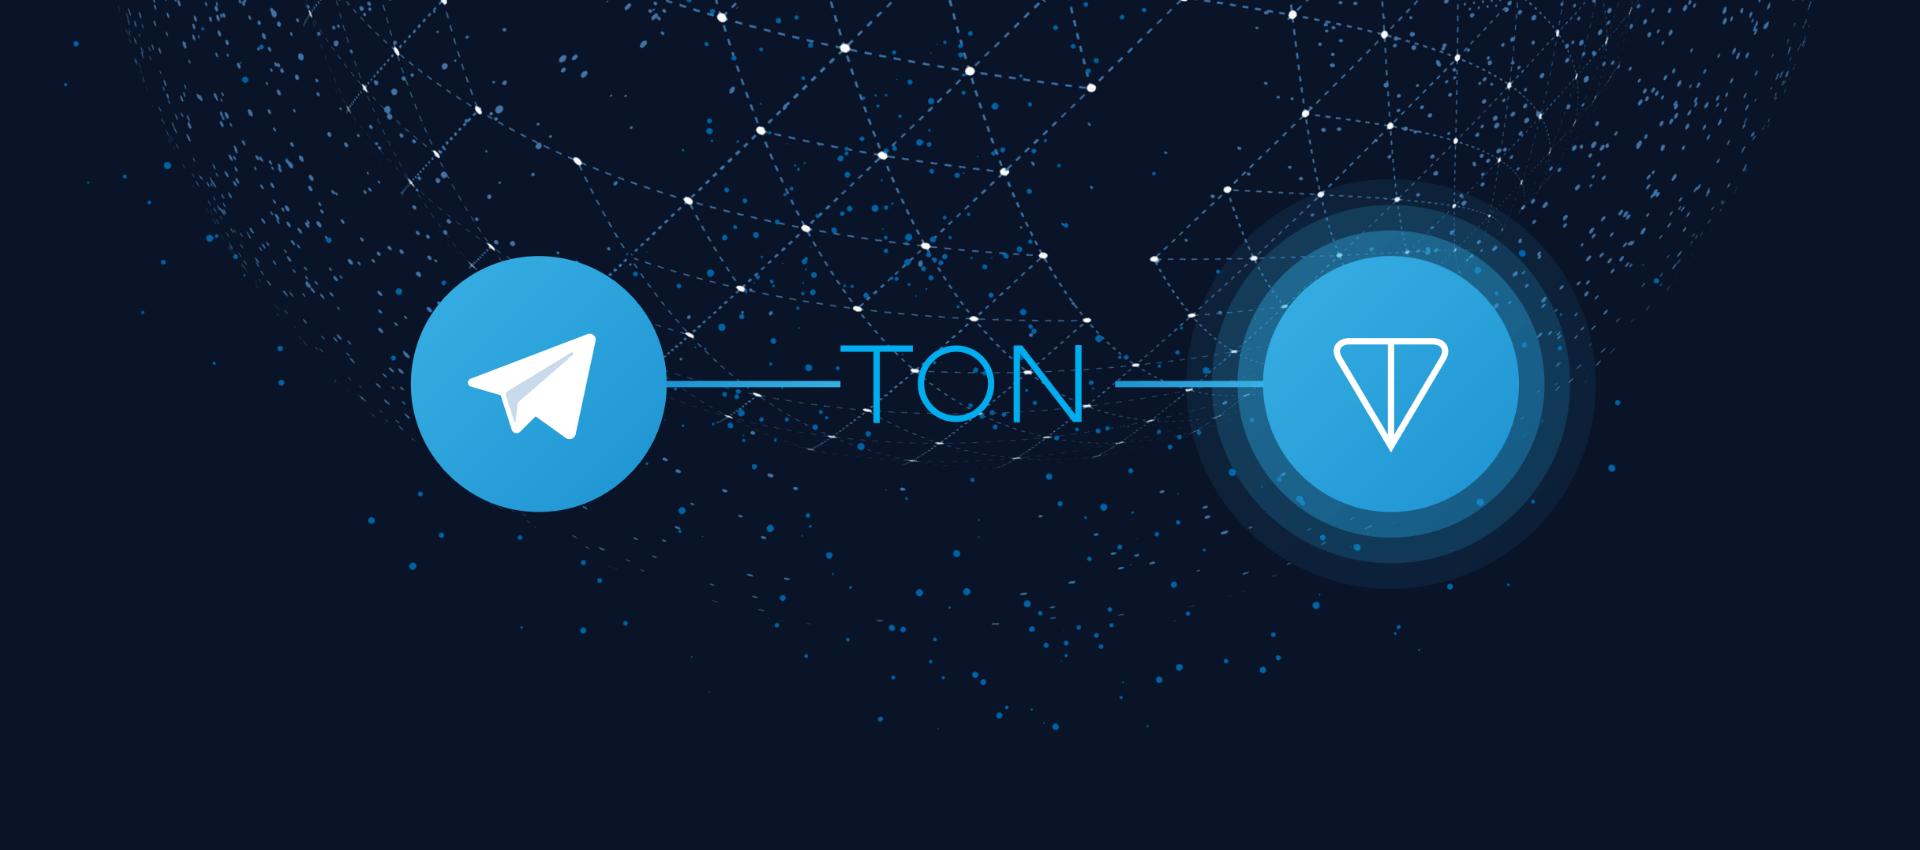 شركة التيليجرام تطلق النسخة التجريبية للبلوكشين الخاص بها (TON)